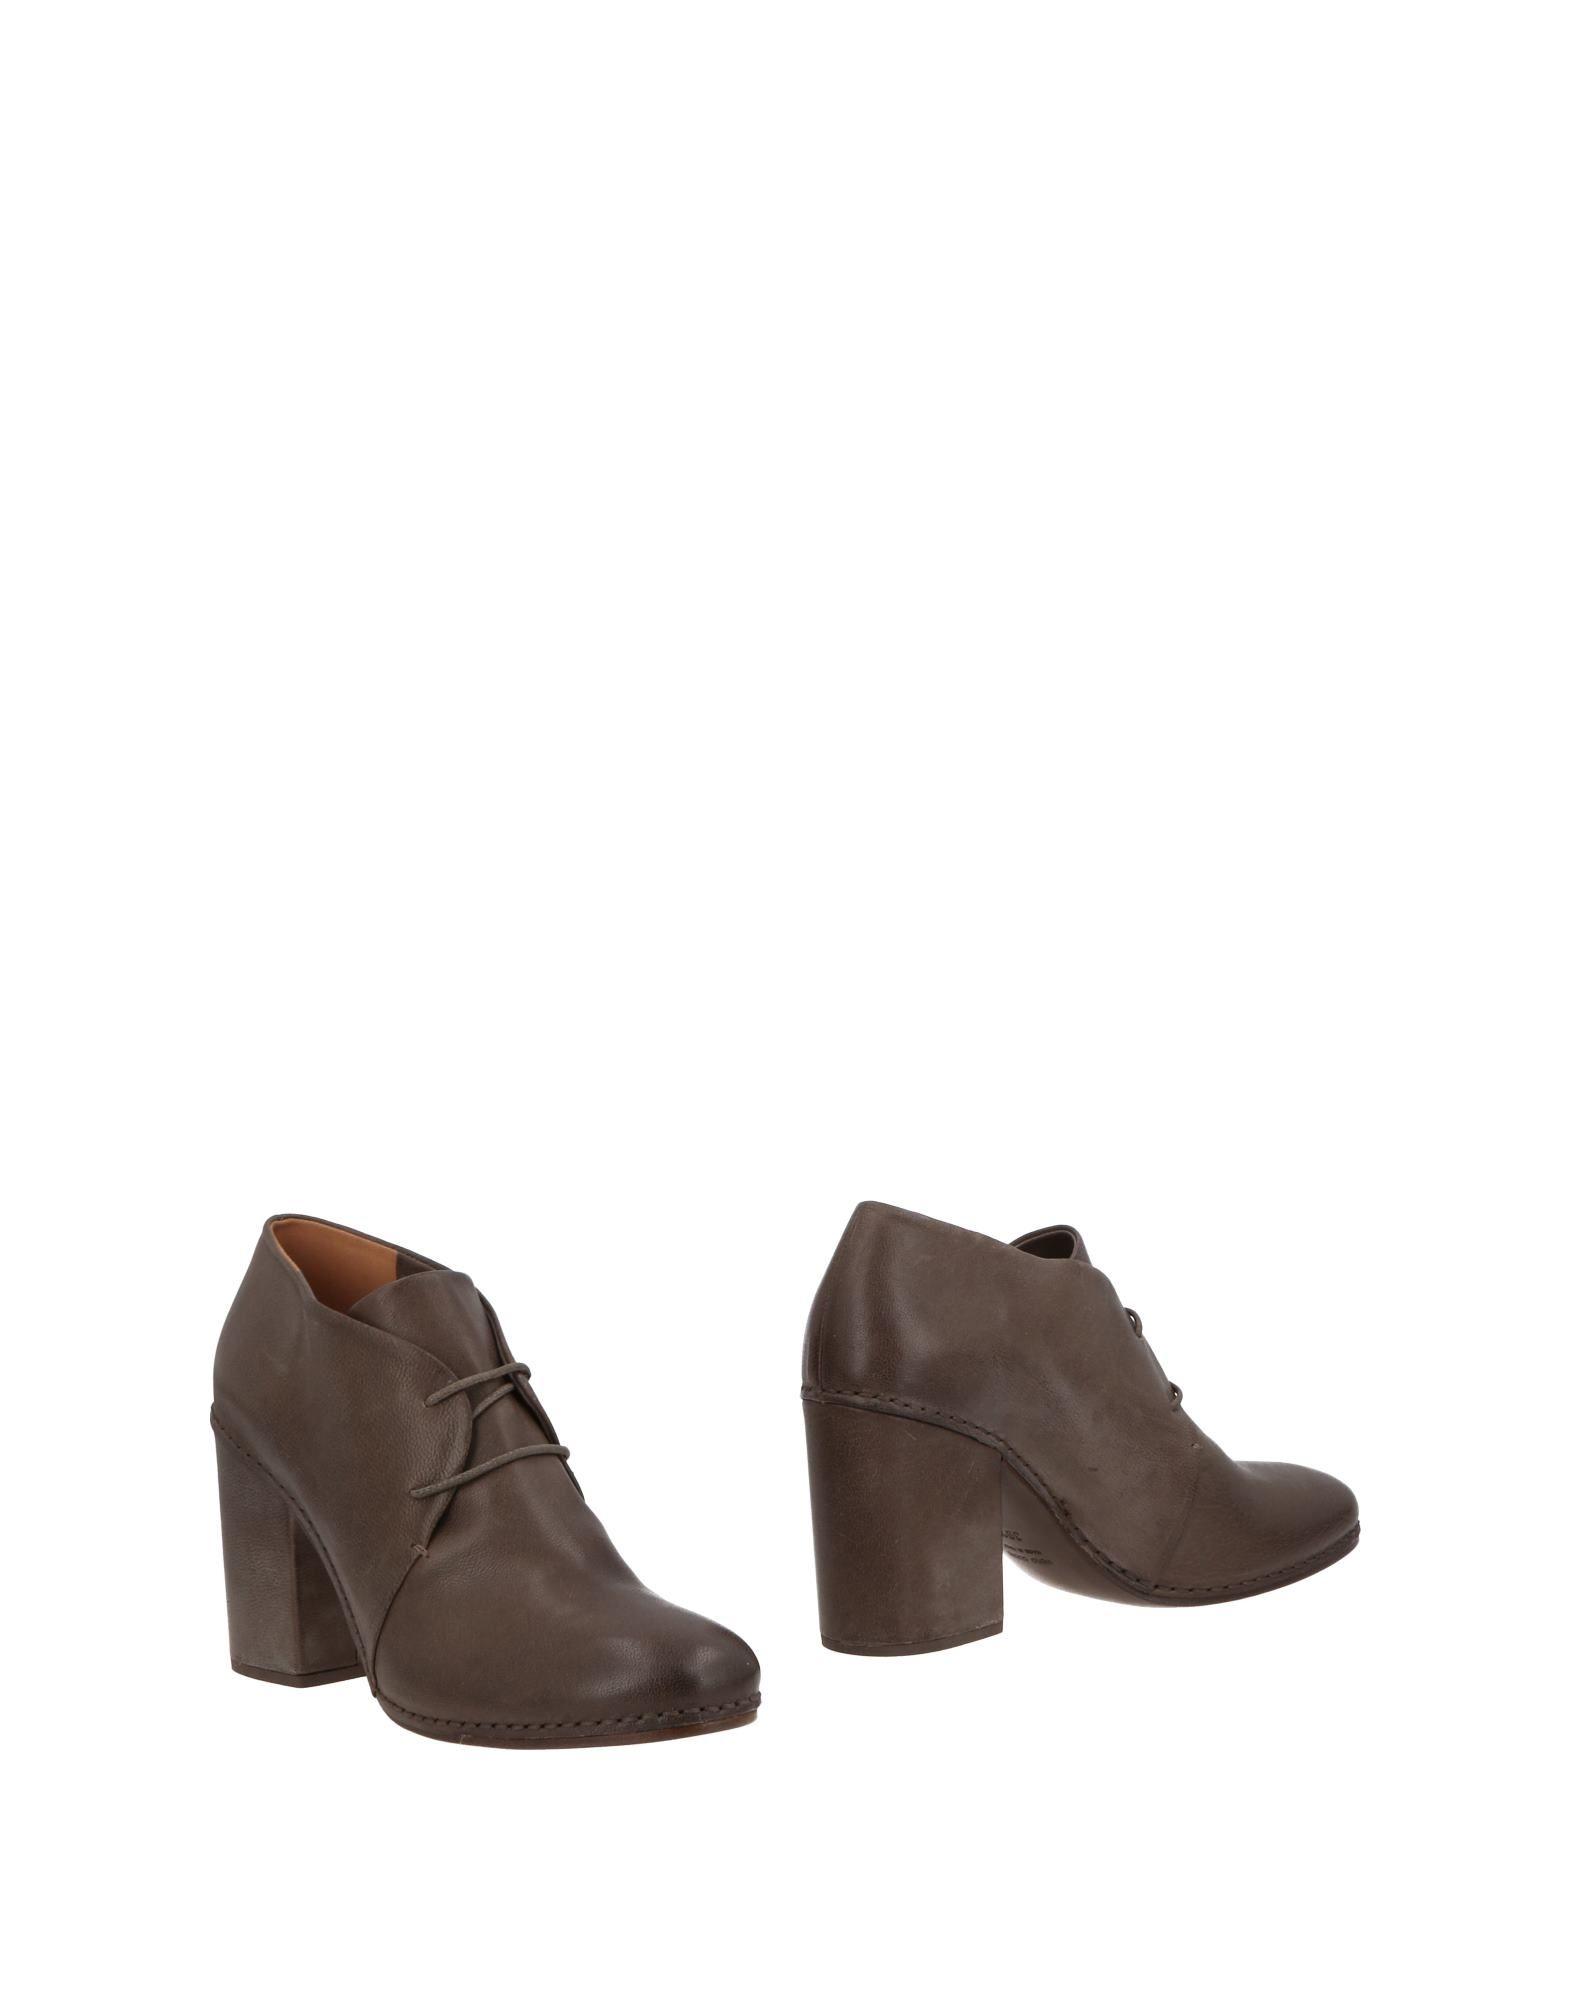 ROBERTO DEL CARLO Полусапоги и высокие ботинки del carlo полусапоги и высокие ботинки